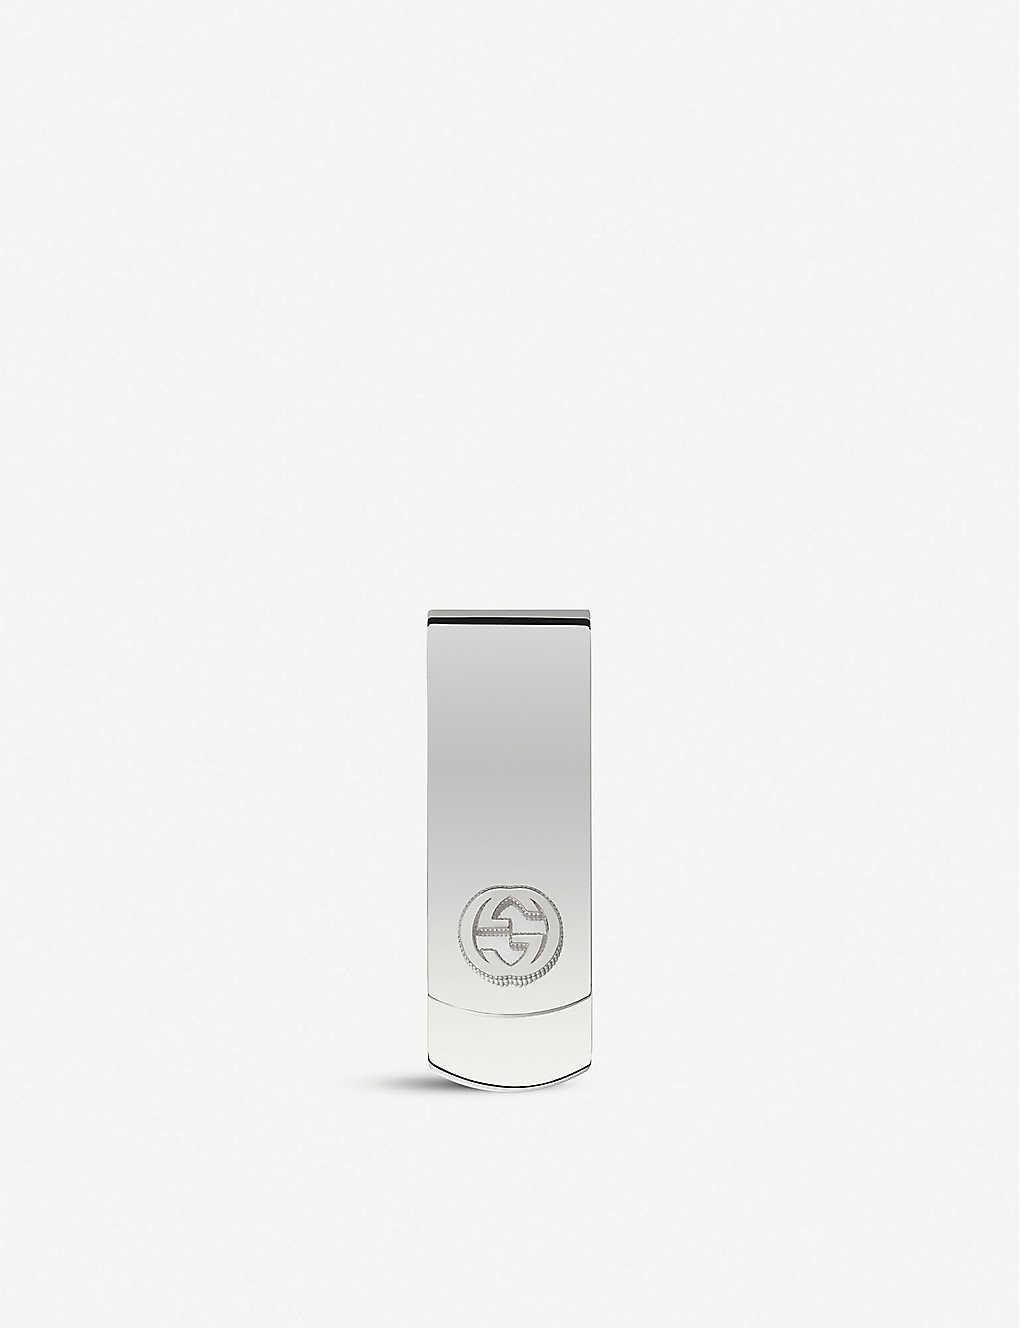 Gucci Accessories Interlocking G sterling silver moneyclip